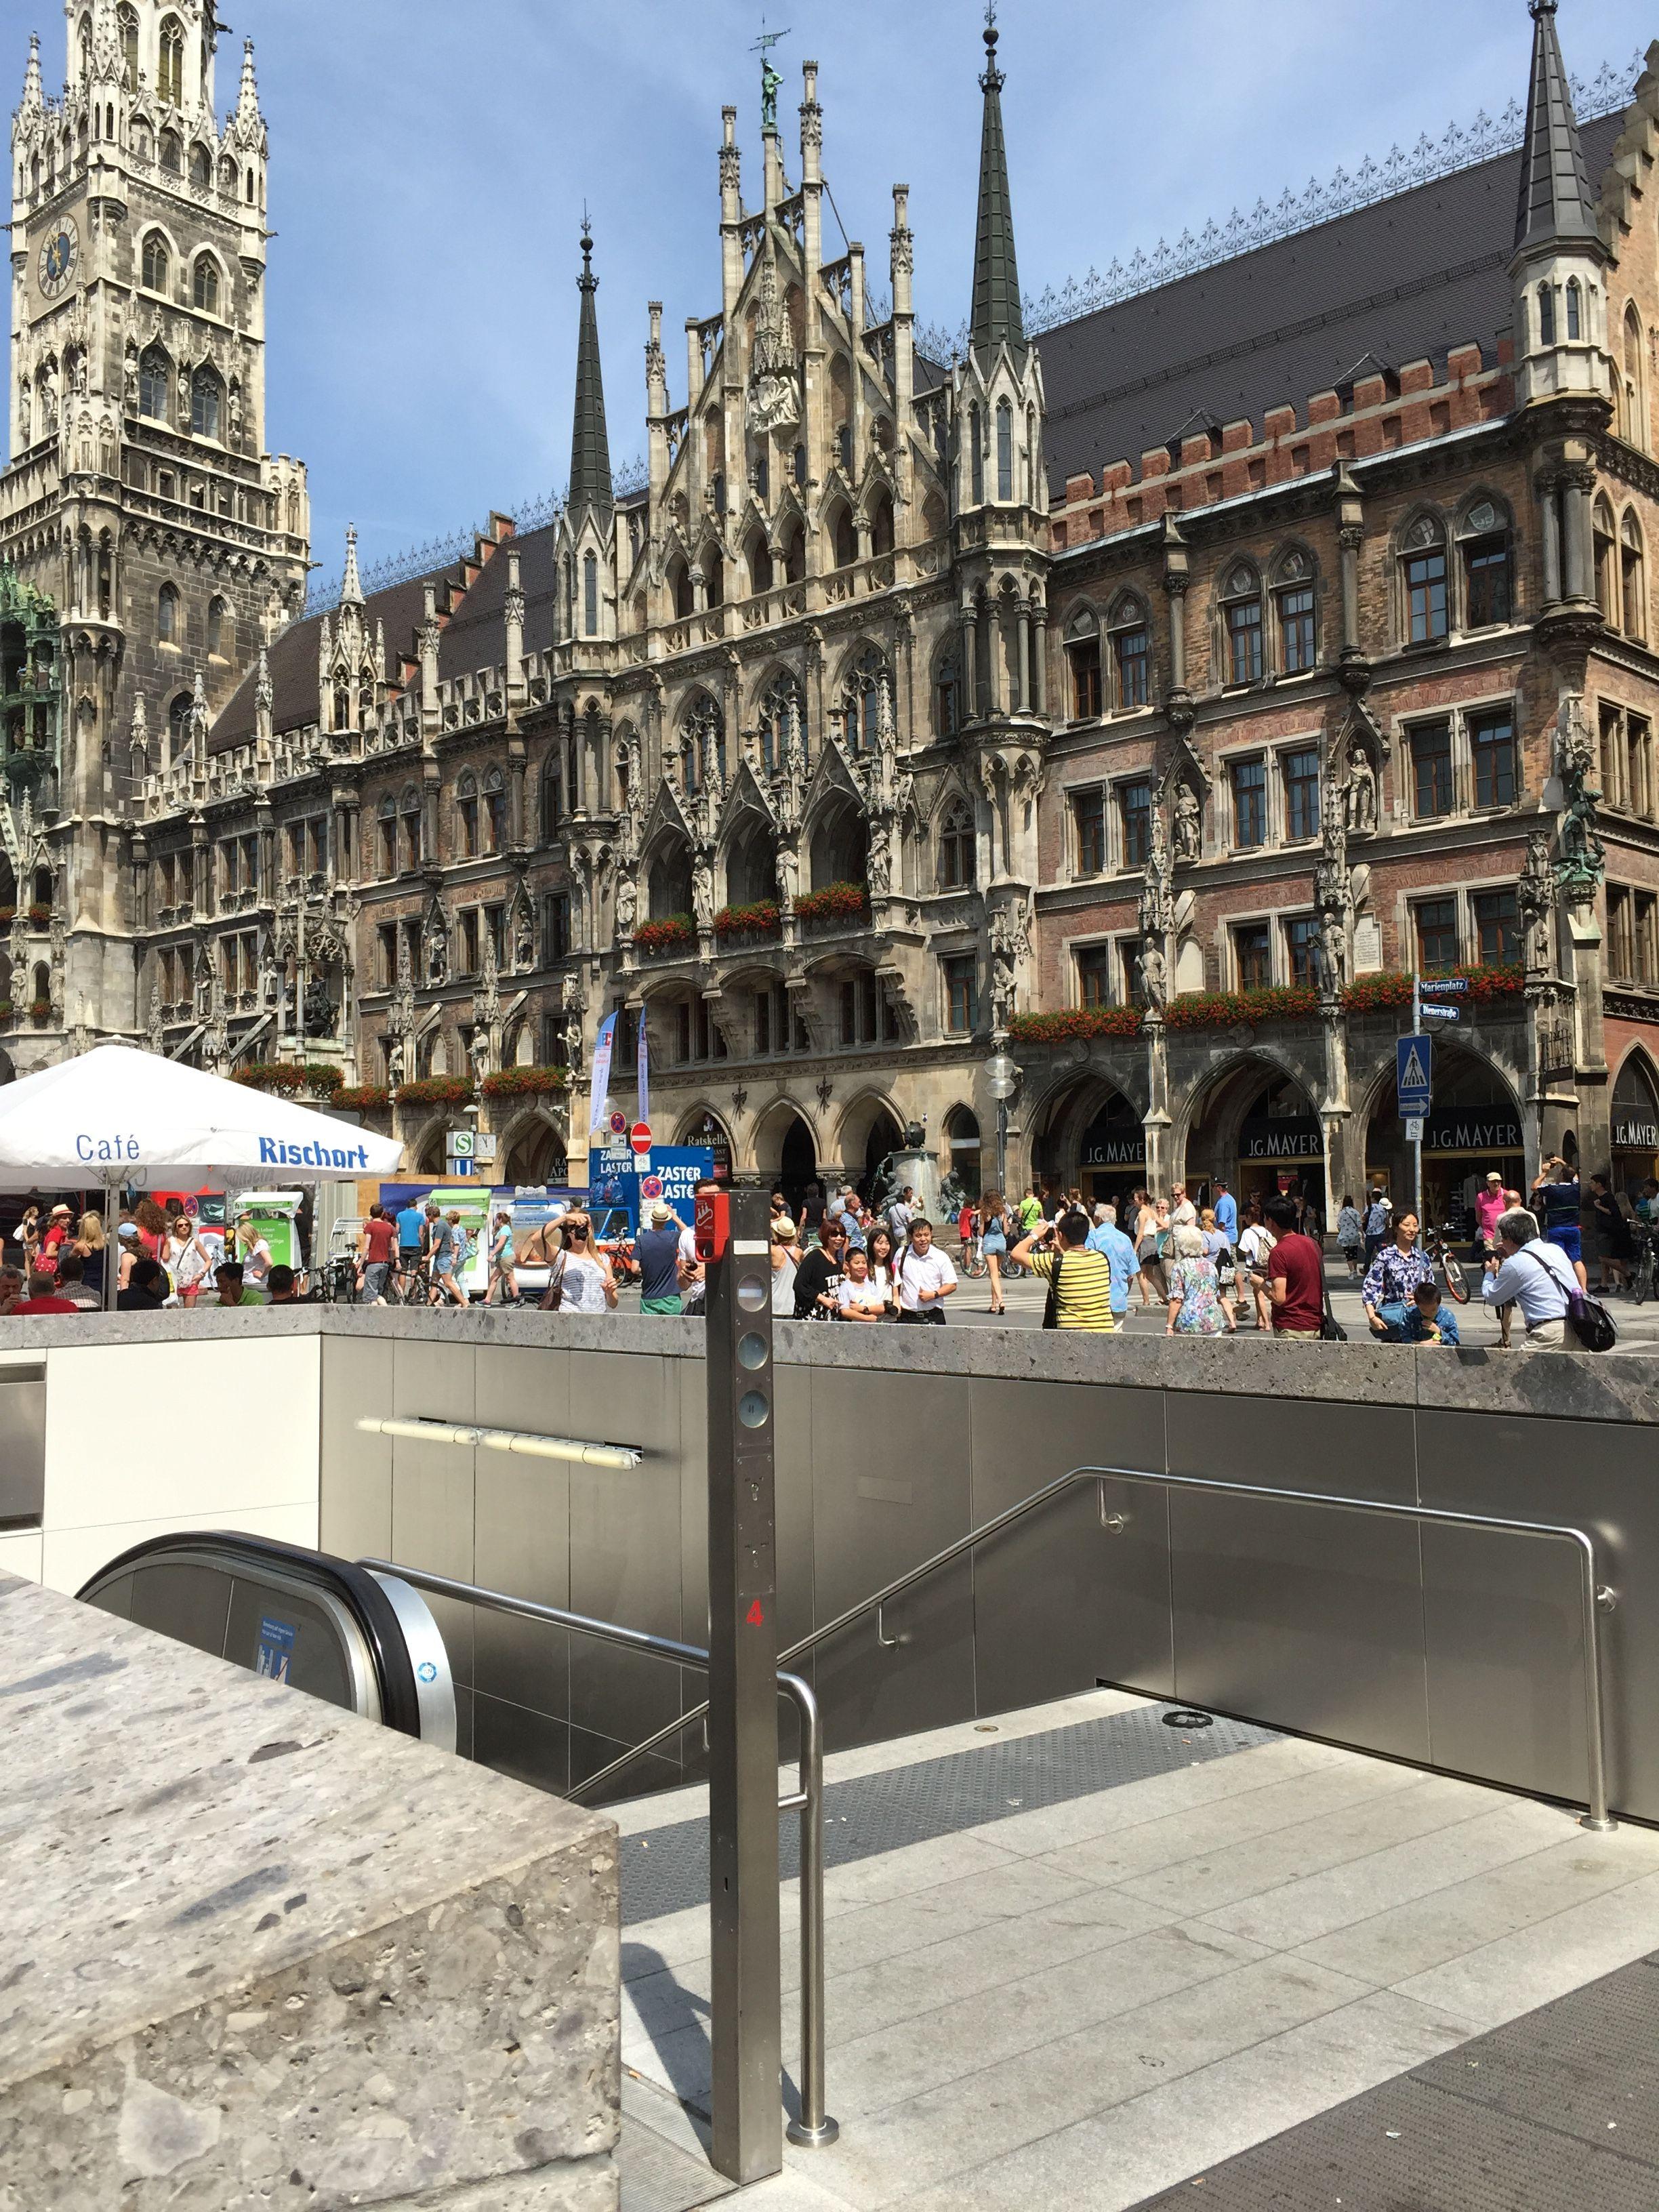 Munich Entrance From Subway Munchen Deutschland Munchen Bayern Munchen